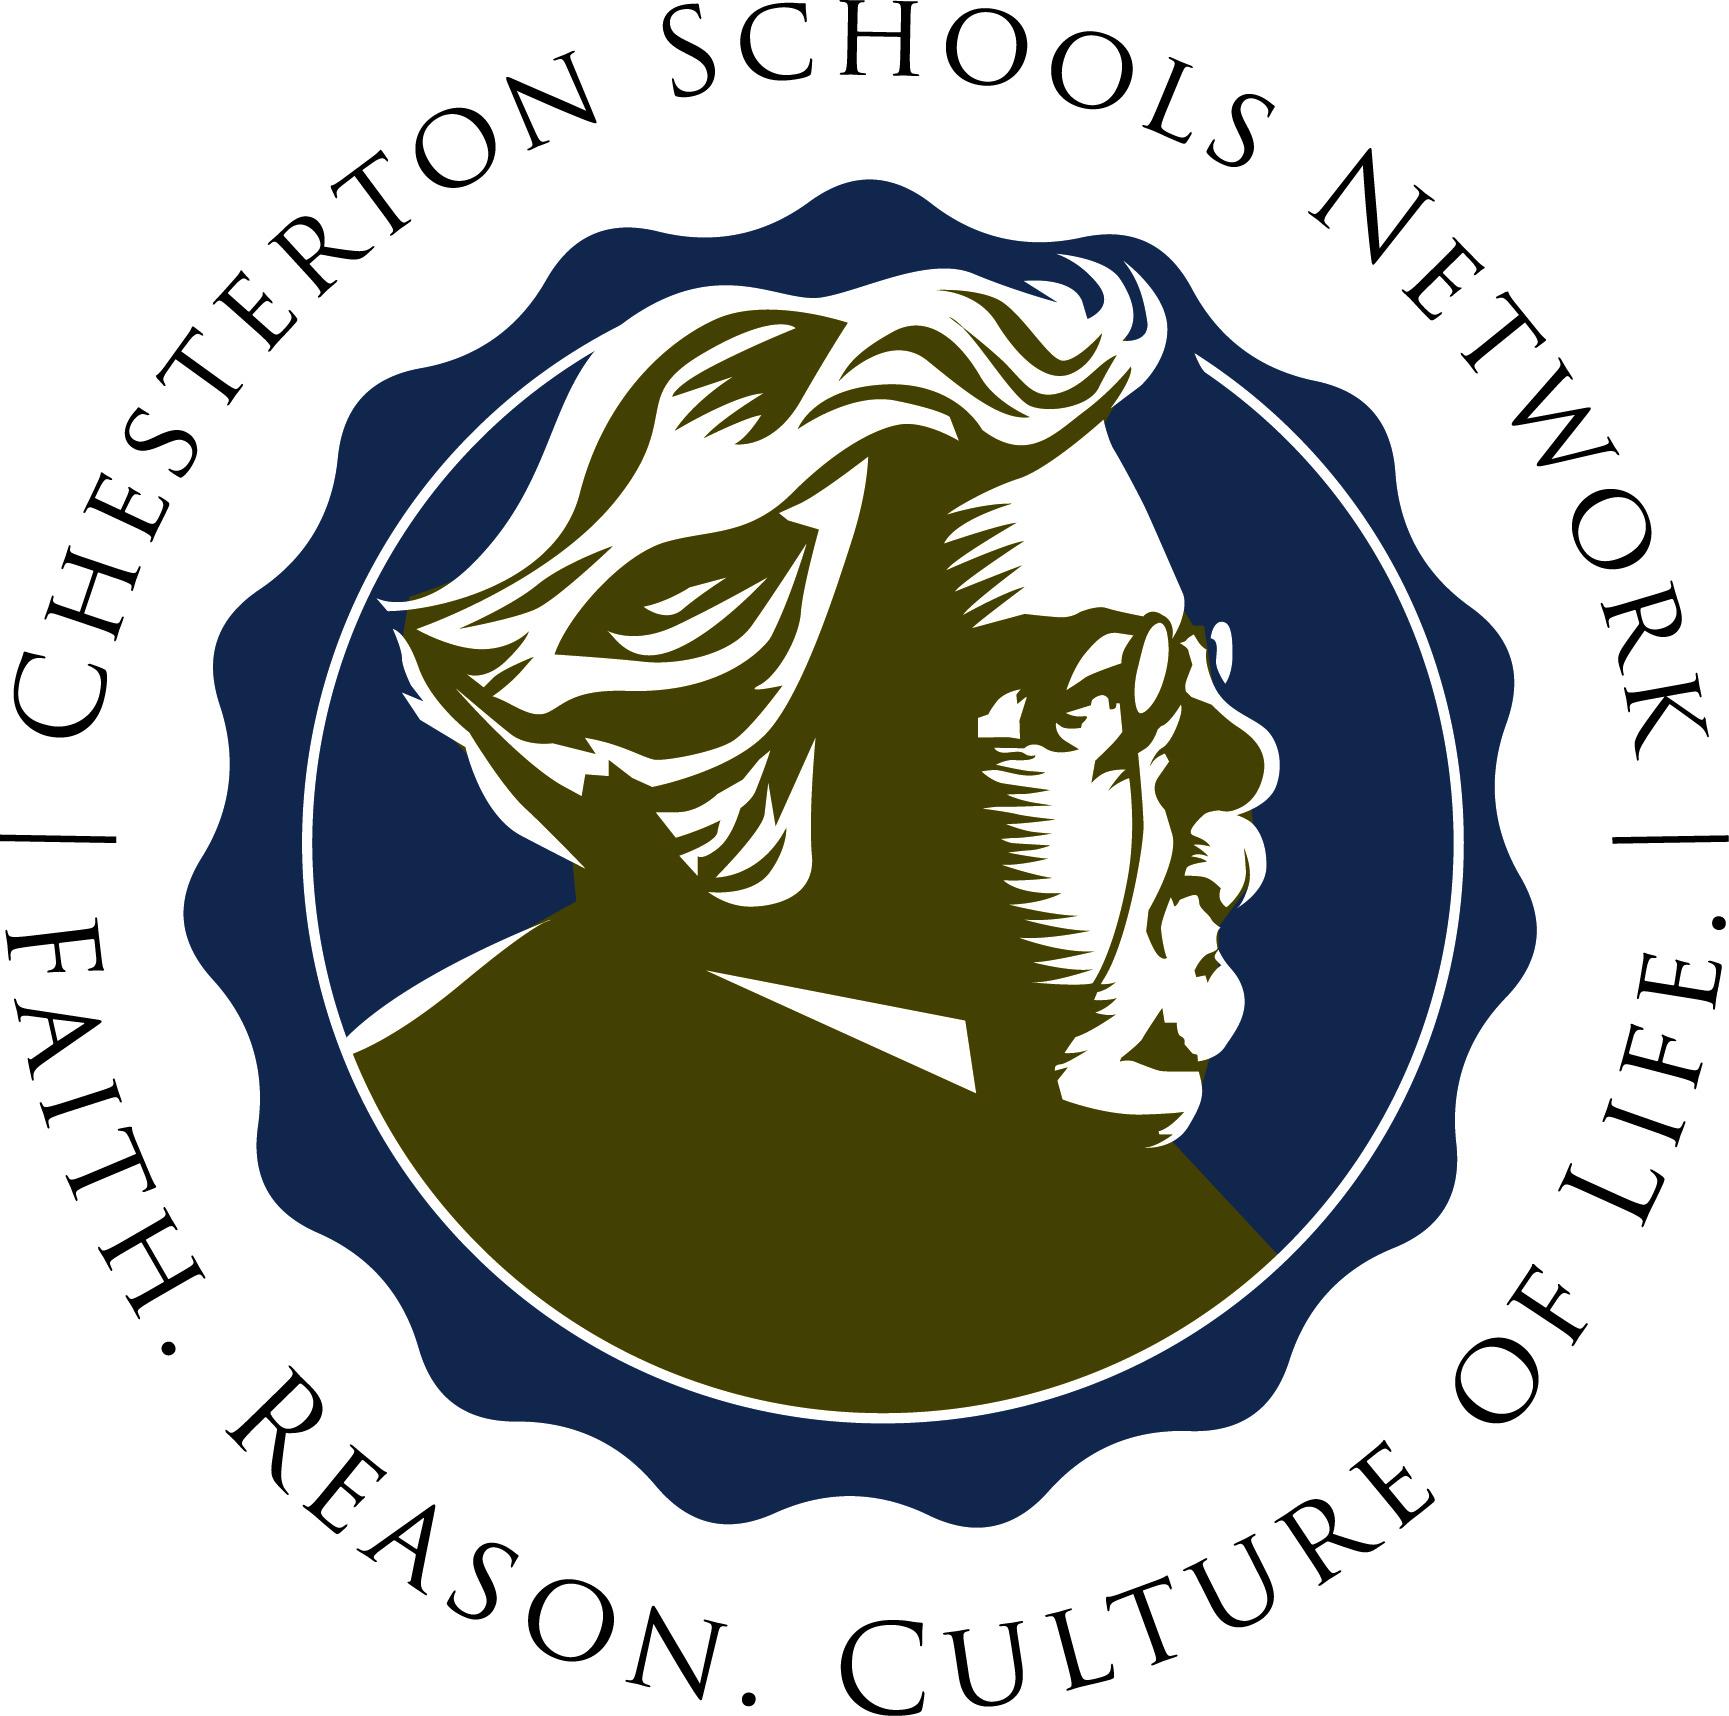 Chesterton_Network_Logo.jpg